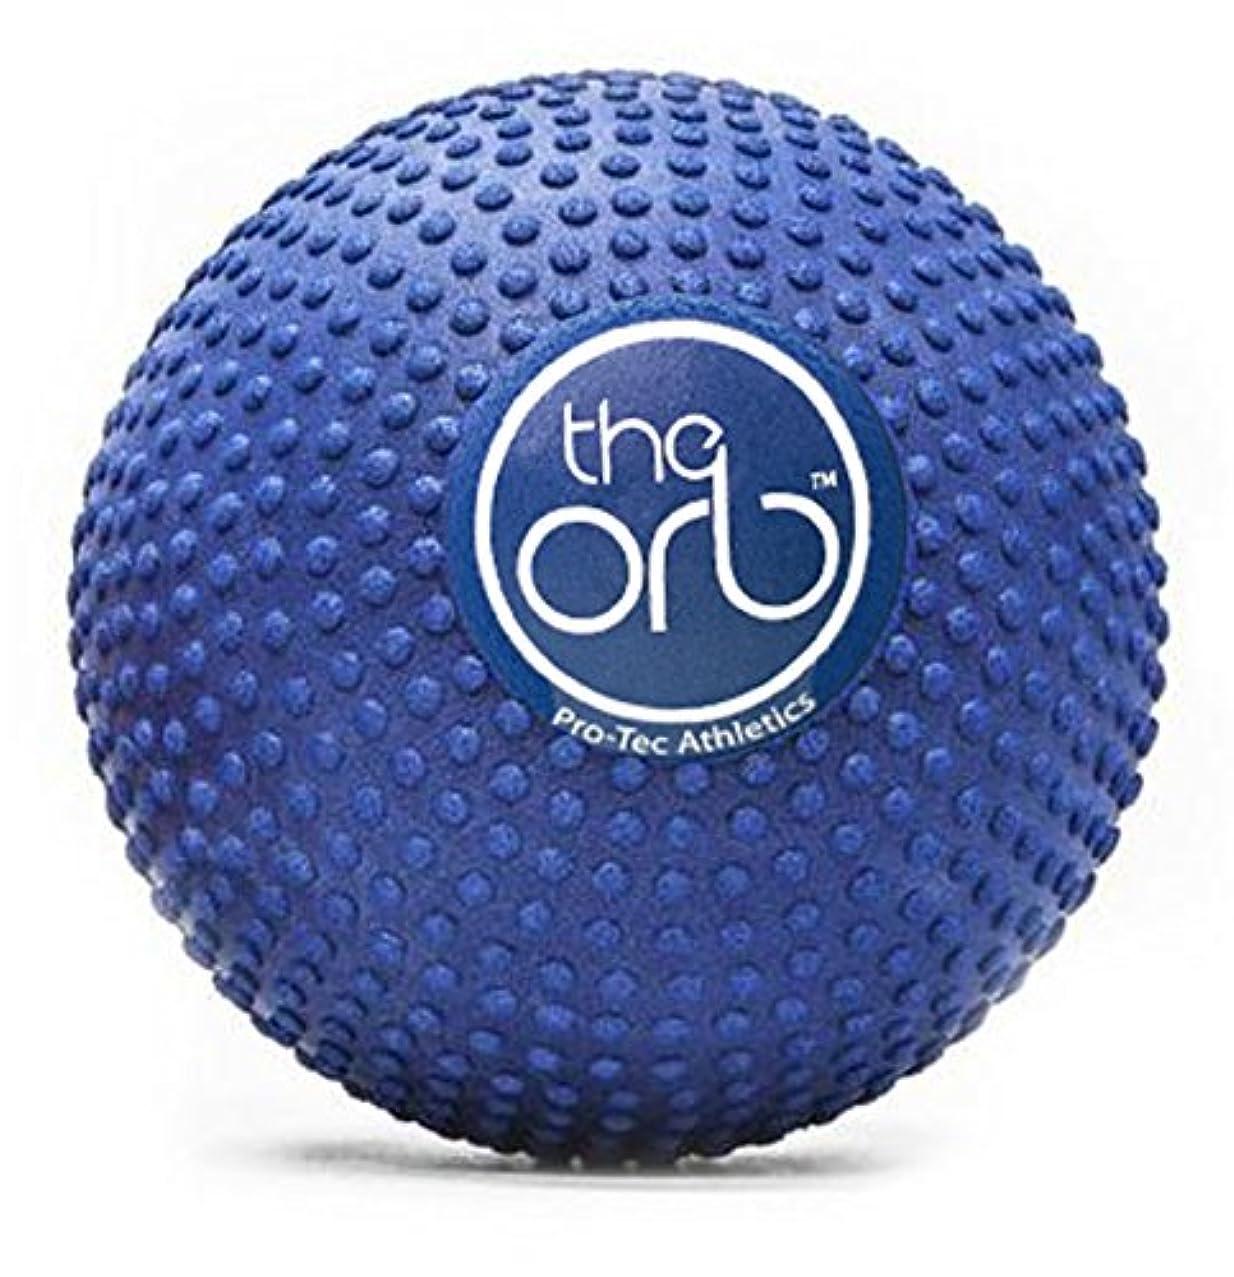 ダーベビルのテスどう?甲虫Pro-Tec Athletics(プロテックアスレチックス) The Orb 5